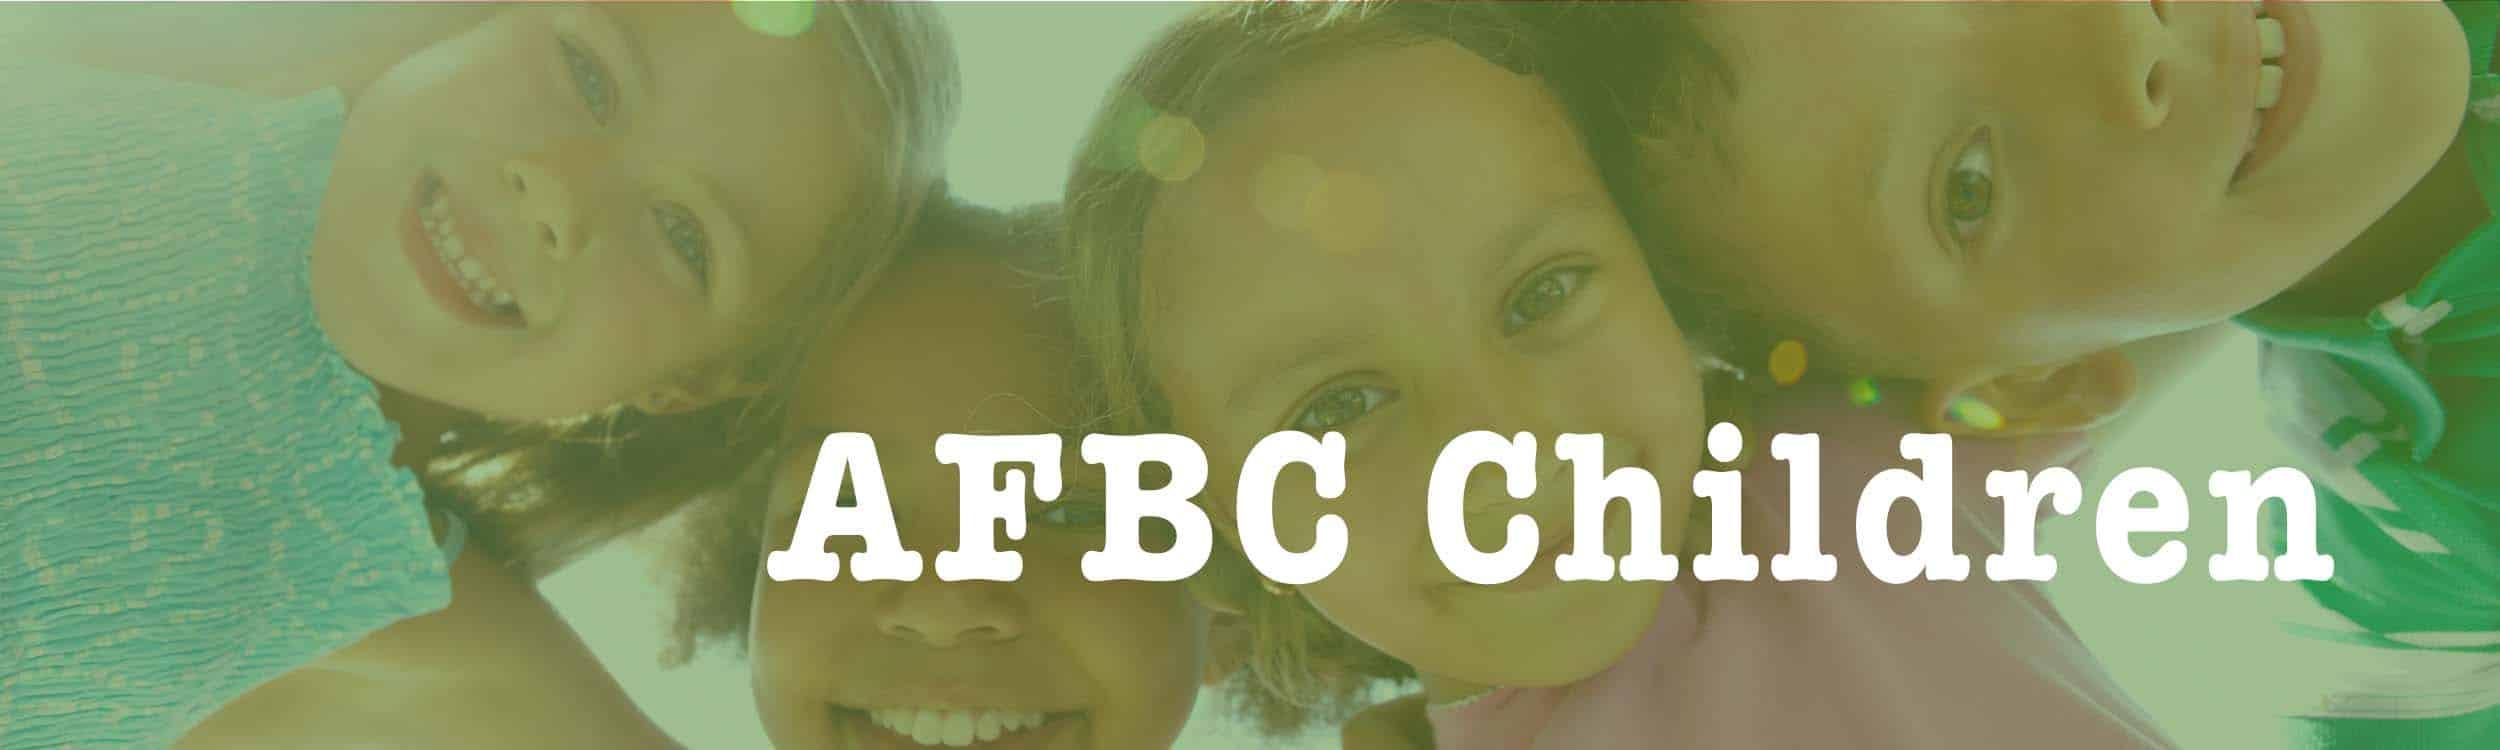 Aberdeen First Baptist Church | Children's Ministry